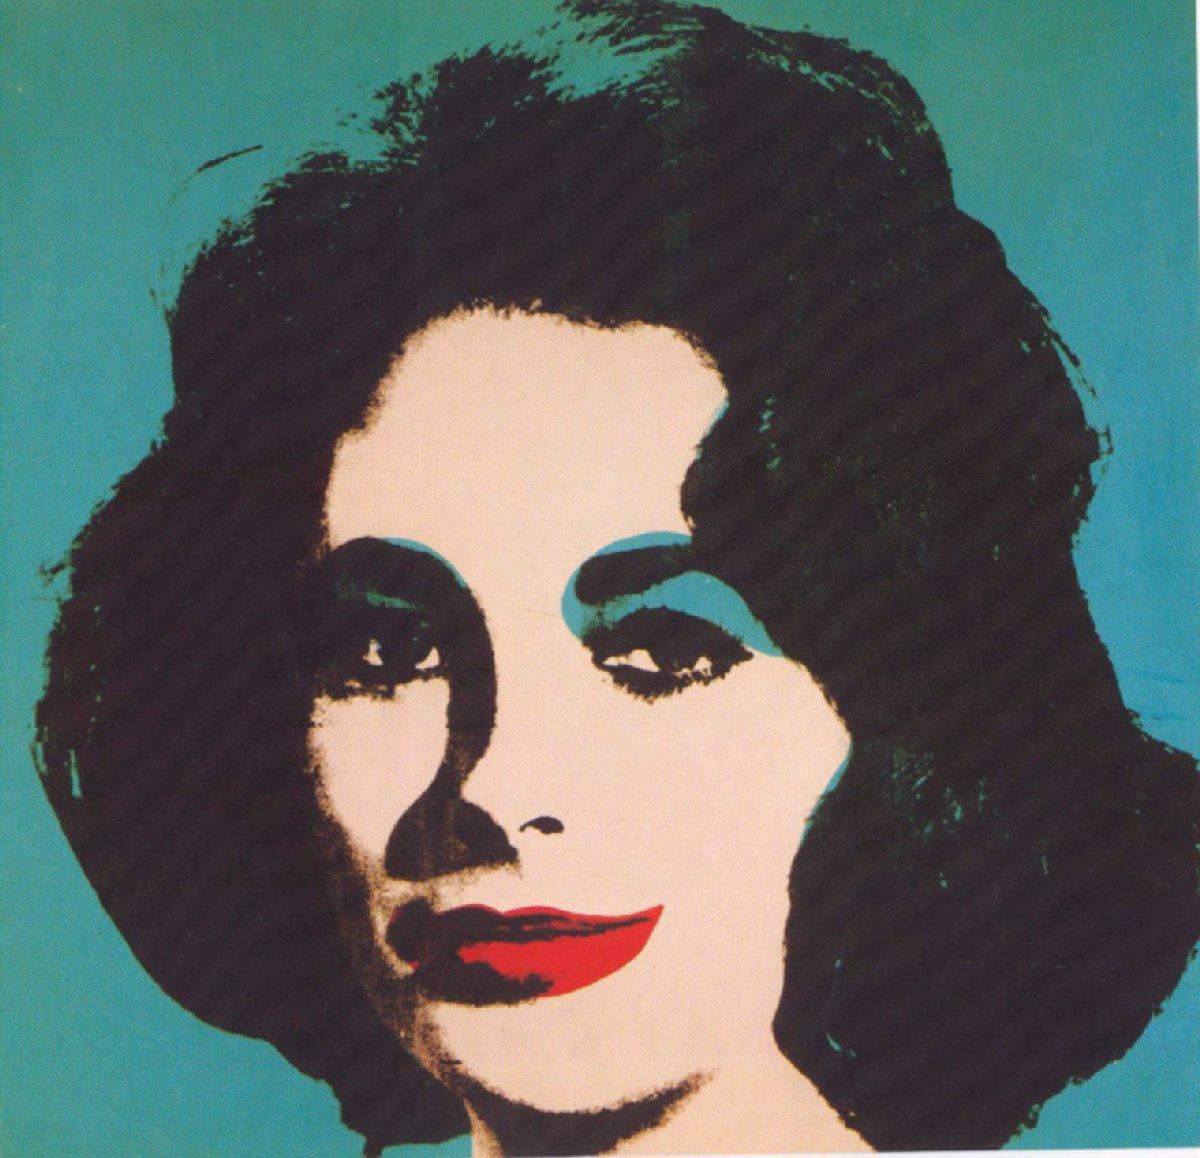 http://3.bp.blogspot.com/-wrDSGTn4OeQ/Tl9zLO3tL7I/AAAAAAAABHo/41wvimjTAck/s1600/andywarhol-elizabeth-taylor-colored-liz-1963.jpg